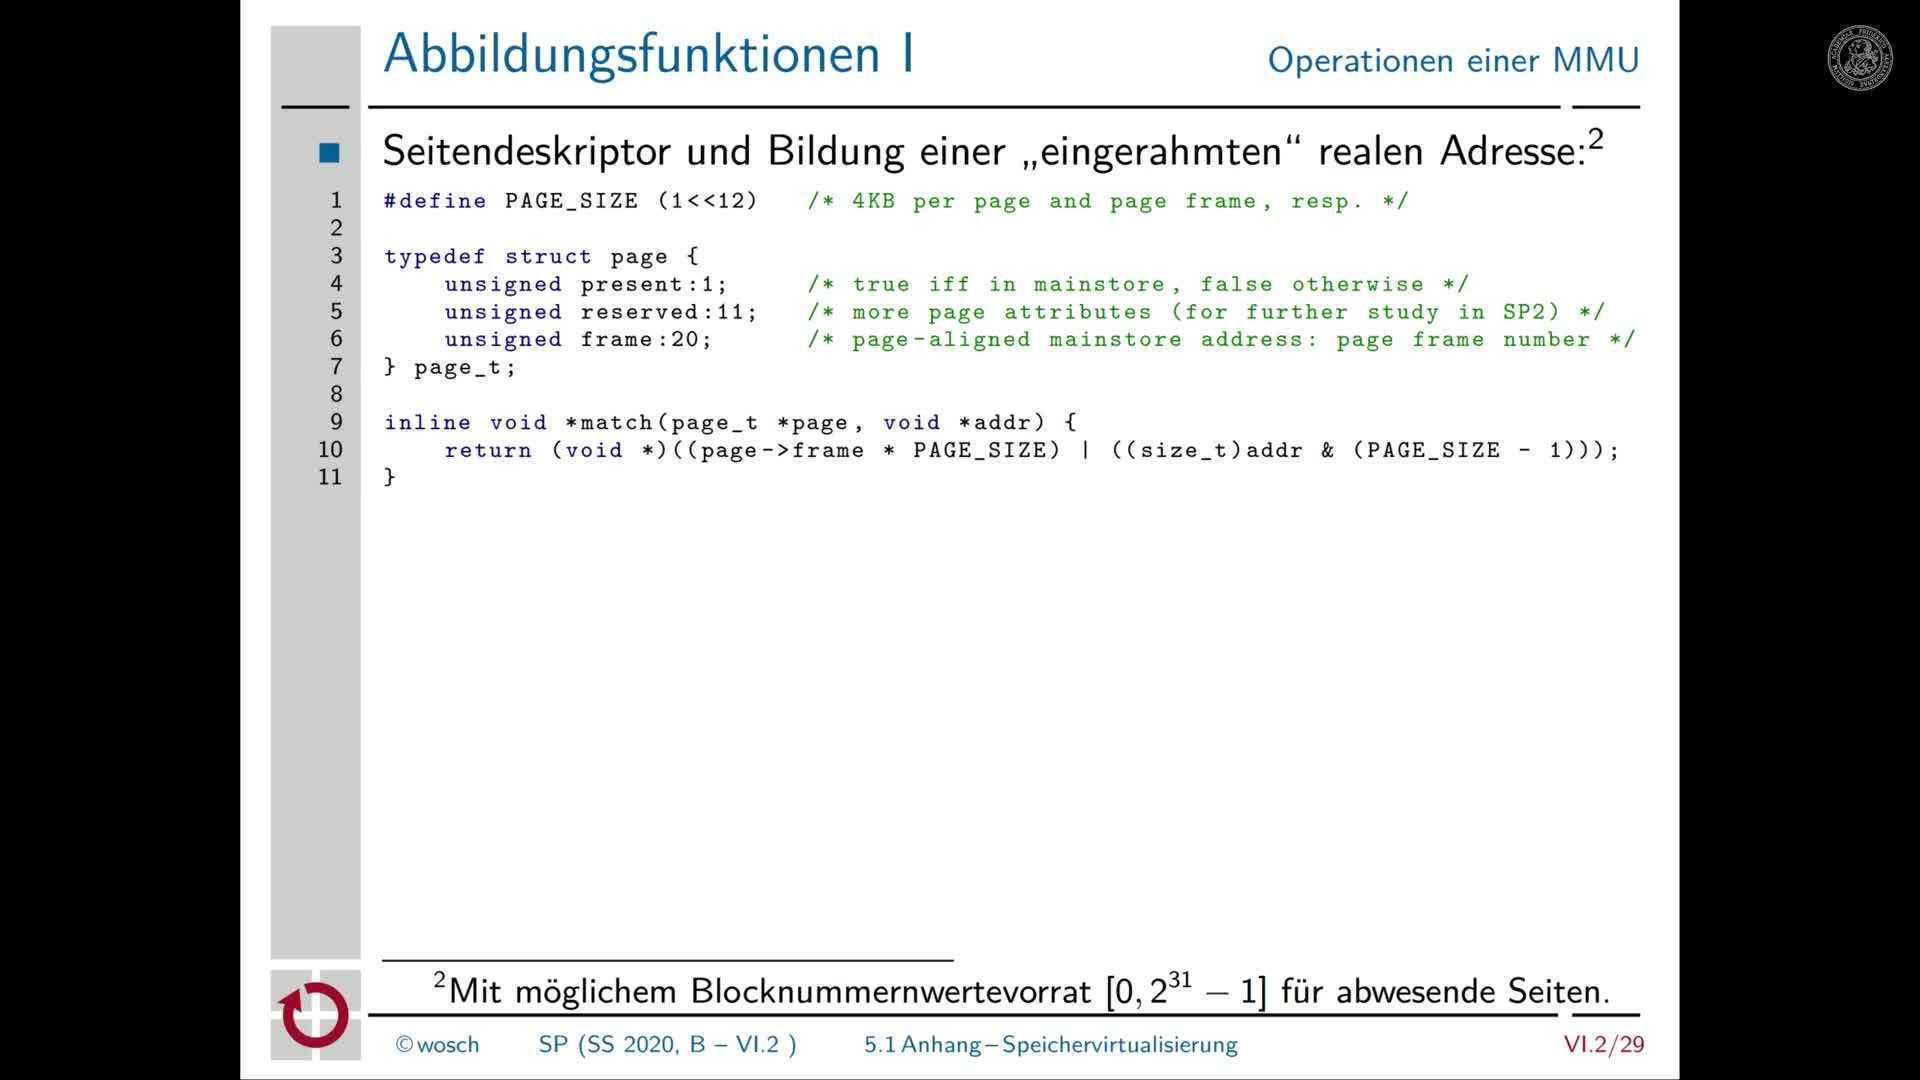 6.2.8 Speicher: Anhang zur Speichervirtualisierung preview image